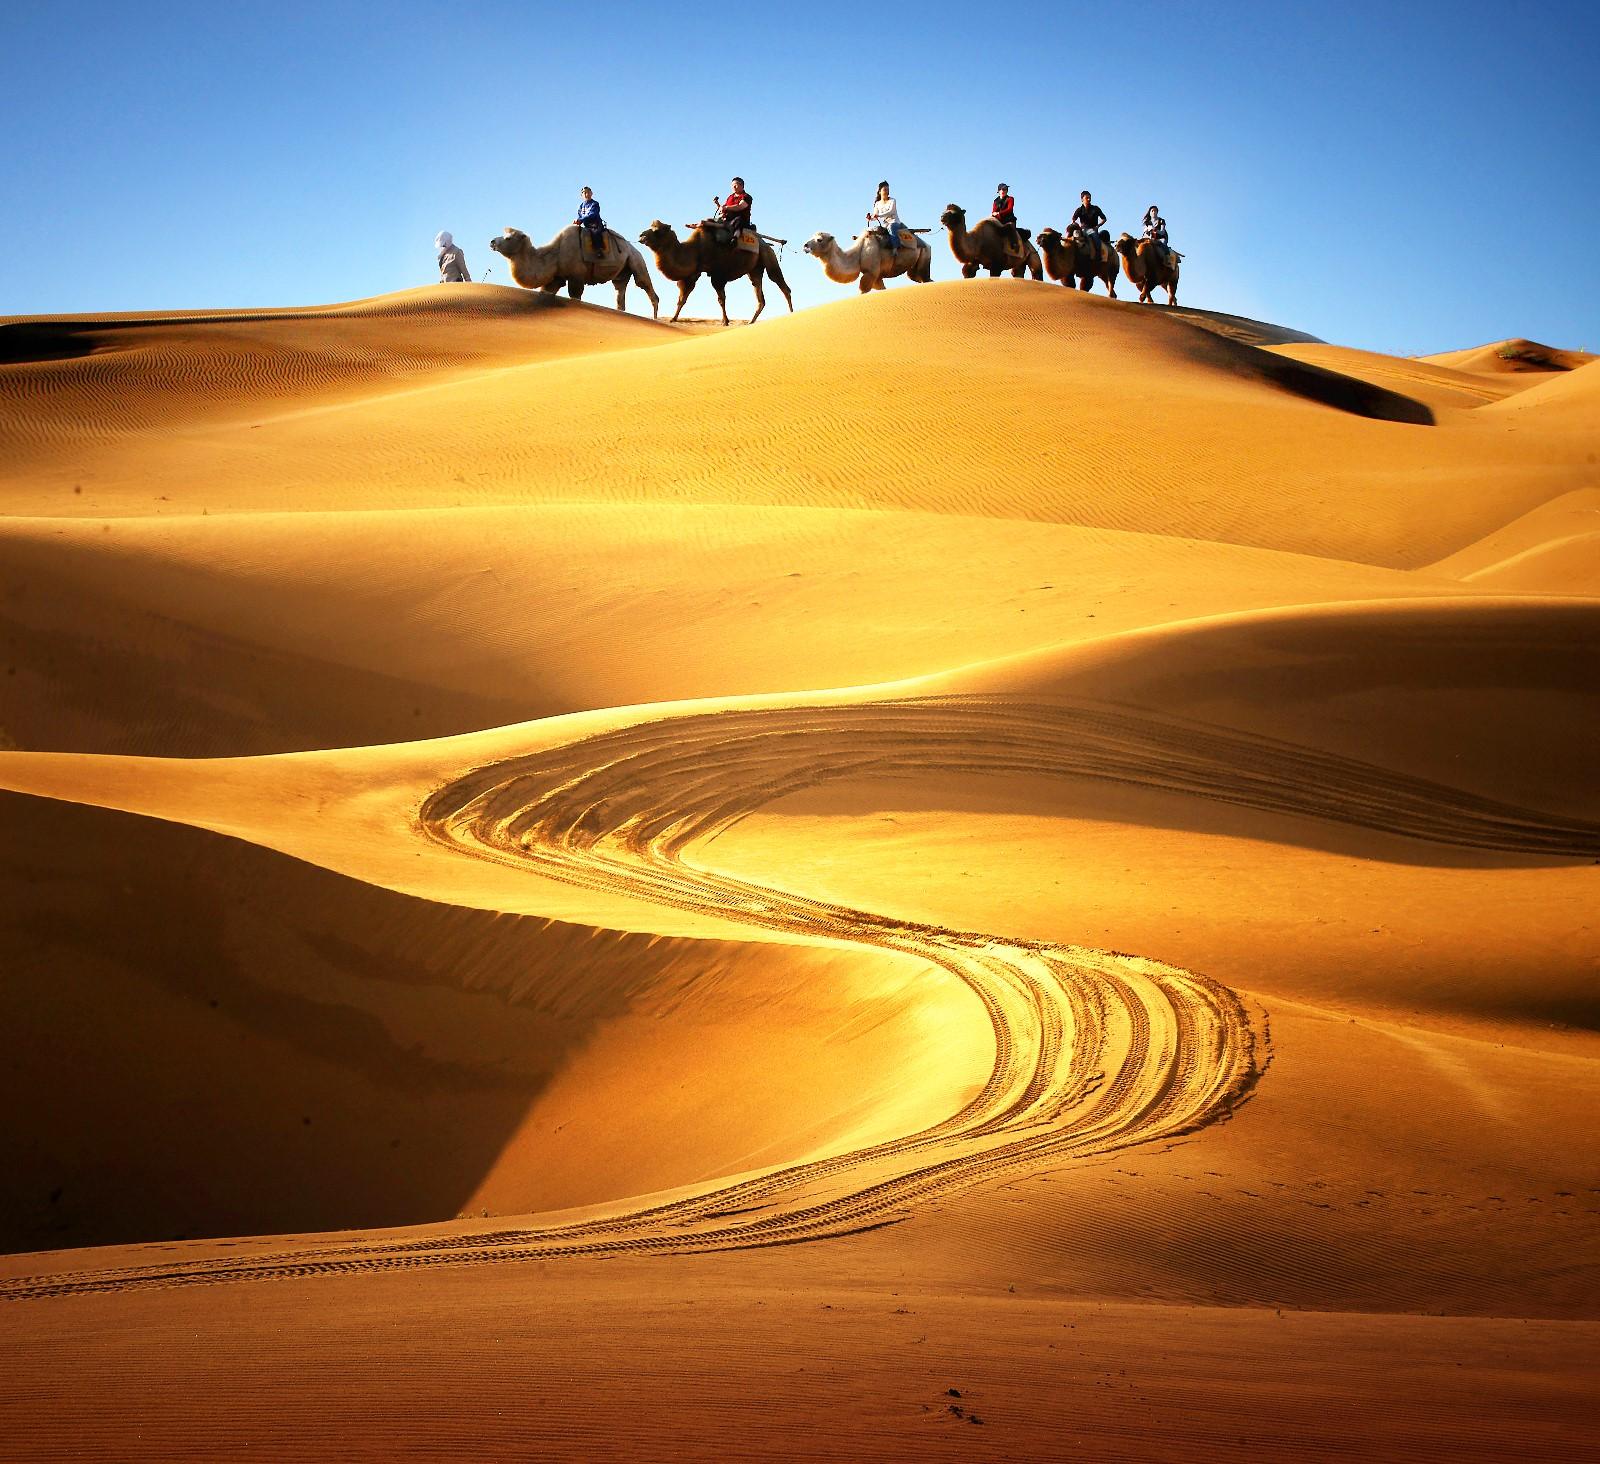 沙漠乘驼.jpg